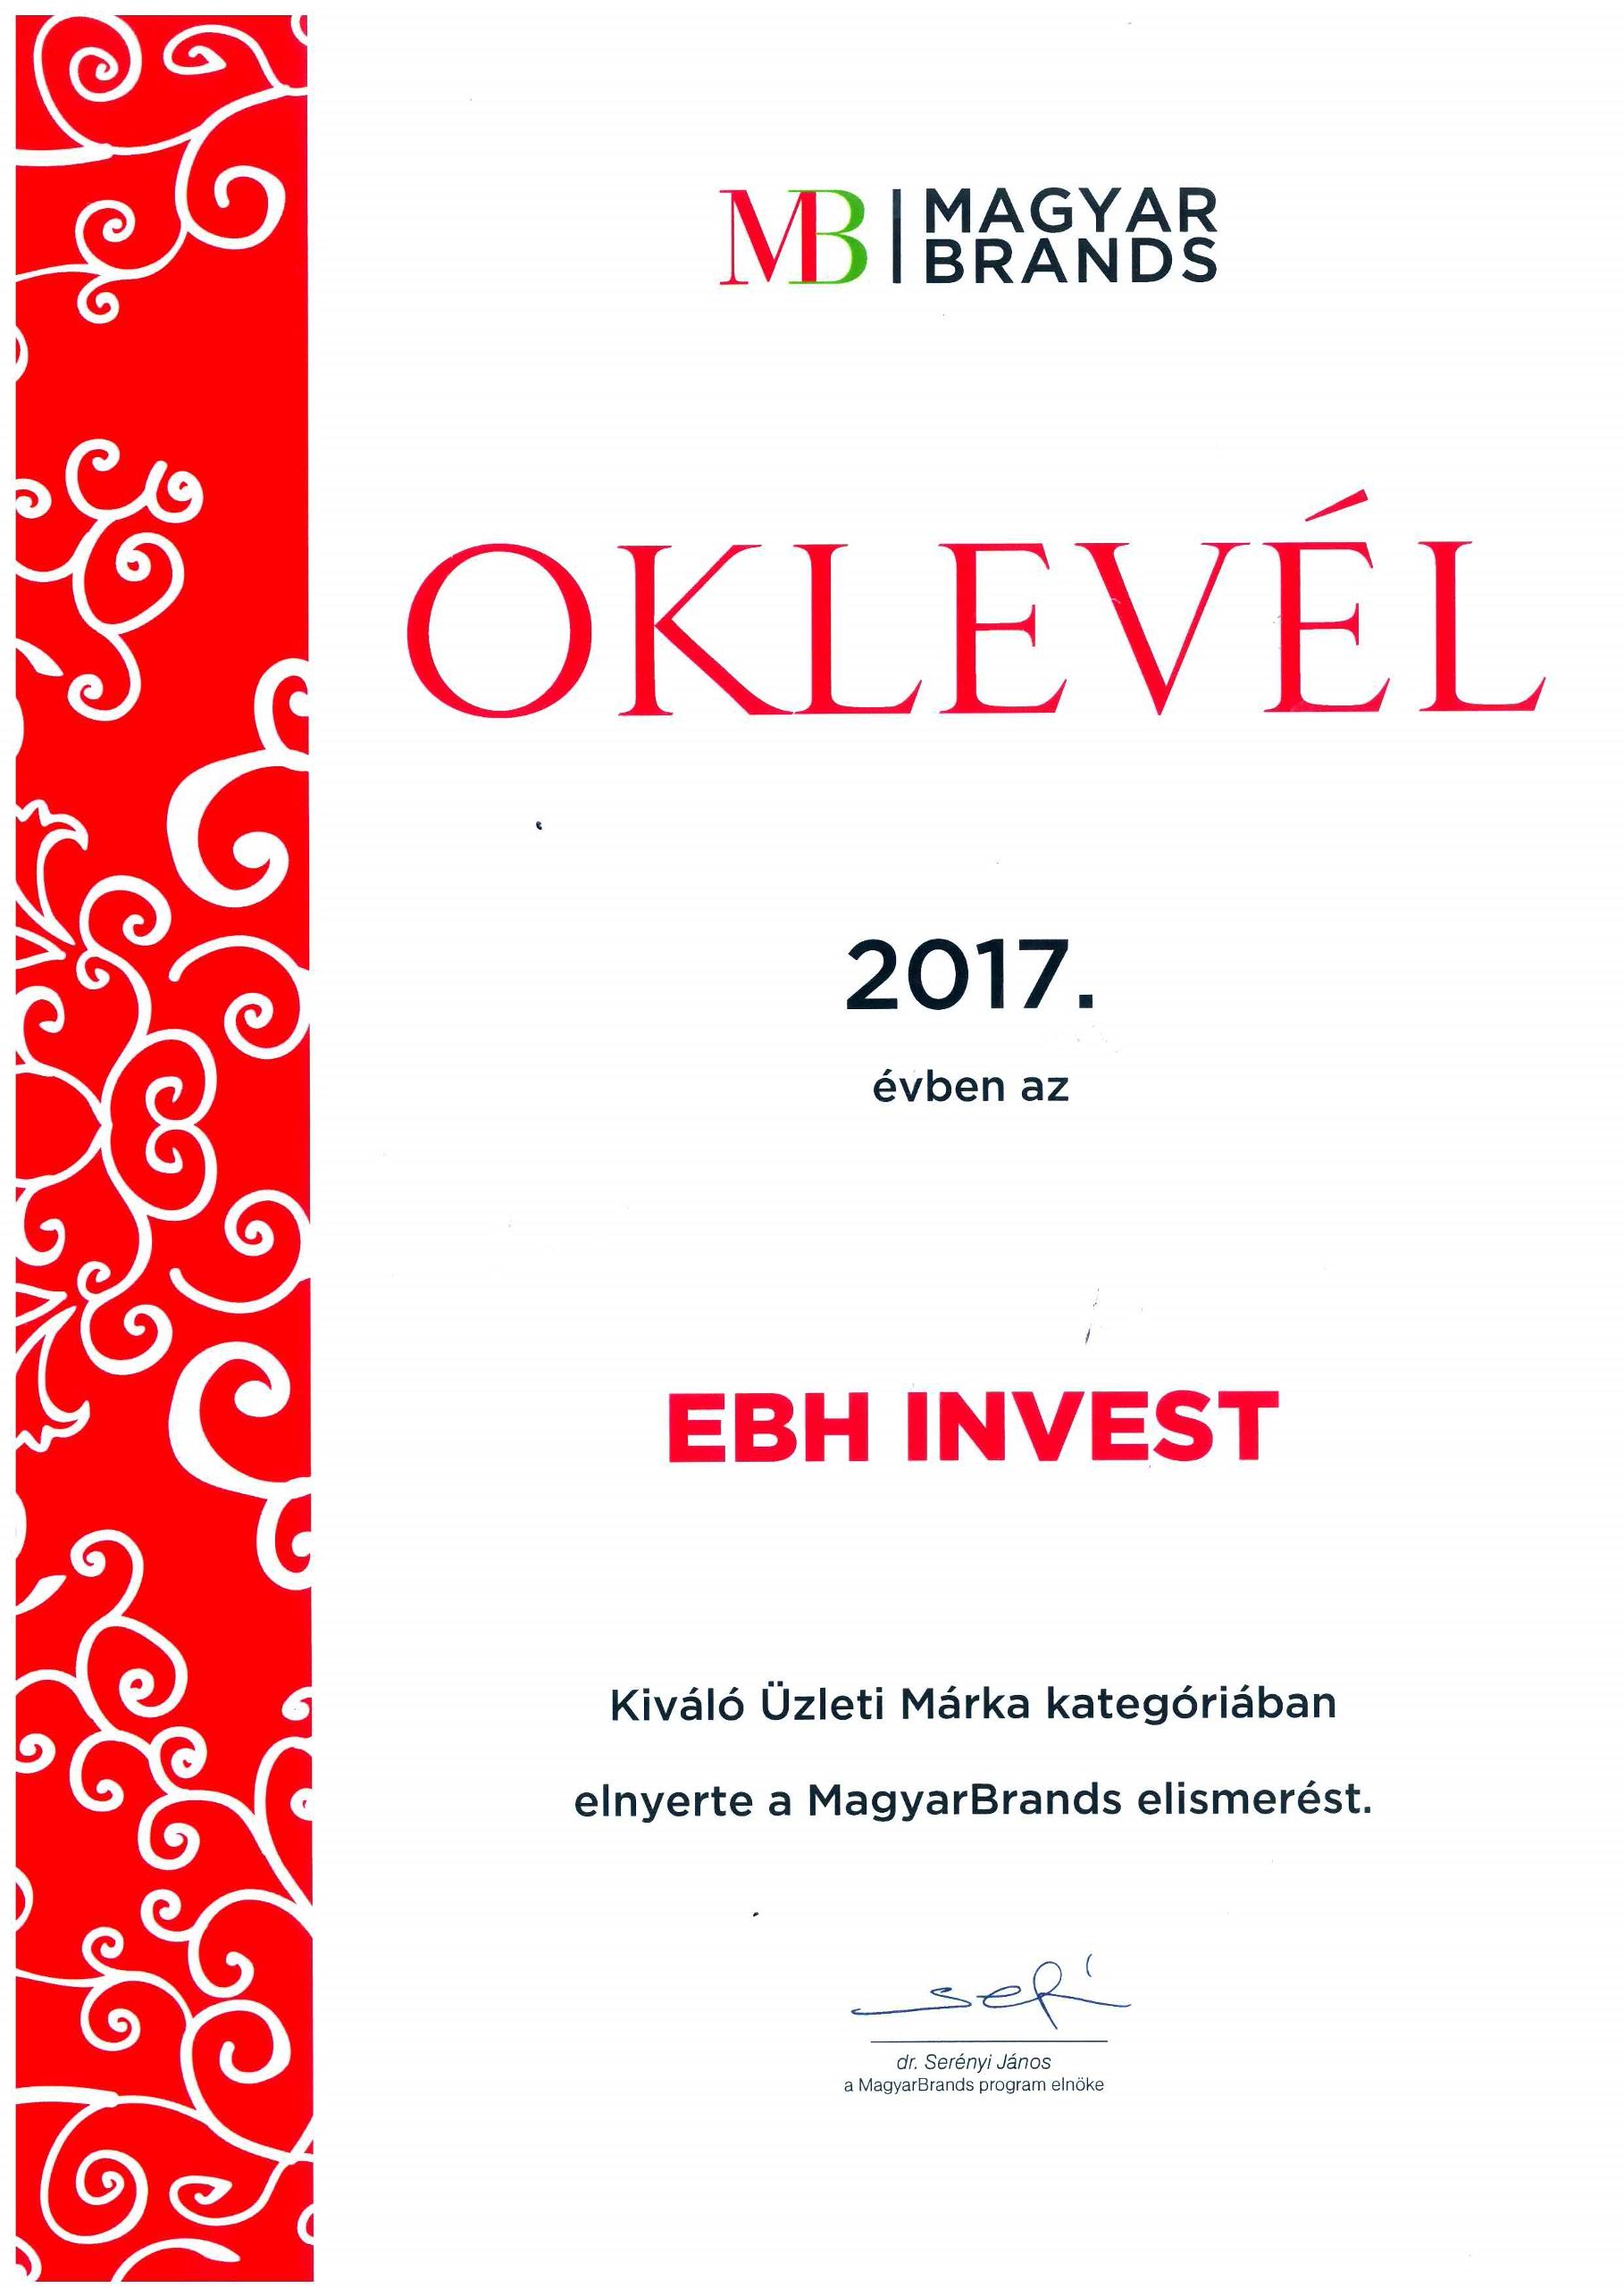 Az EB HUNGARY INVEST Kft. 2017-ben díjazott lett a MagyarBrands üzleti kategóriában.